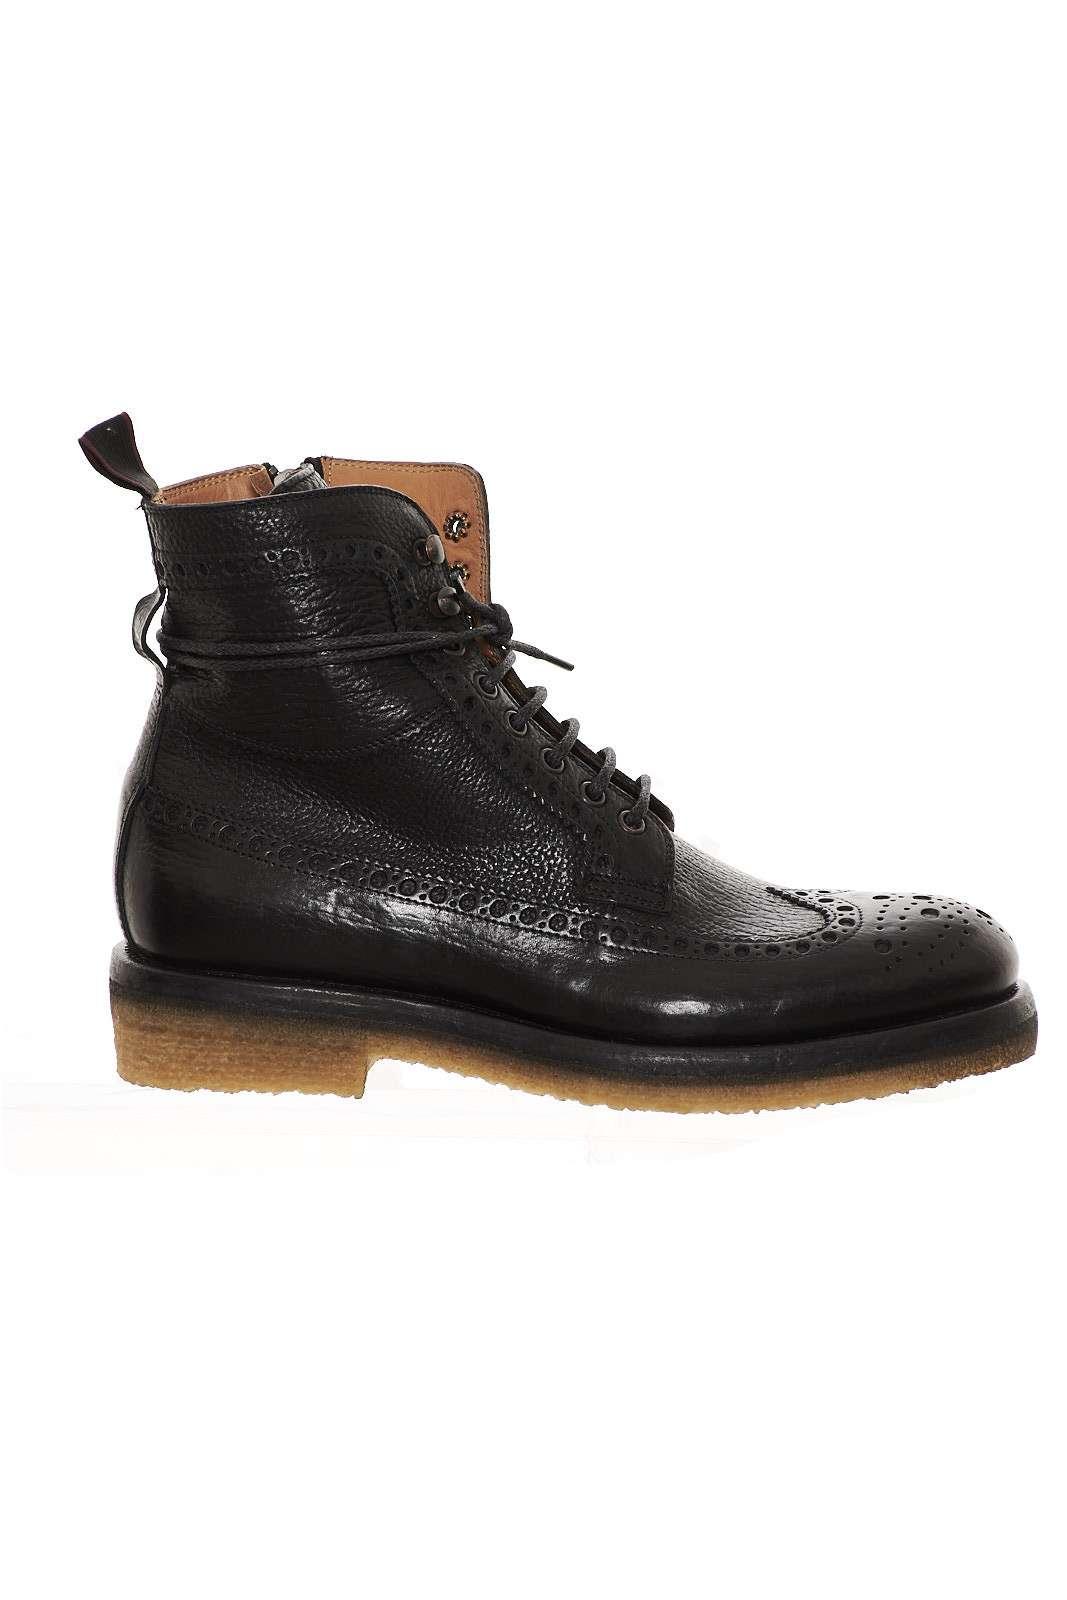 Boot in pelle effetto invecchiato, stringato e con cerniera laterale, lavorazione ad effetto traforato, tacco di circa 4cm, fondo in gomma.